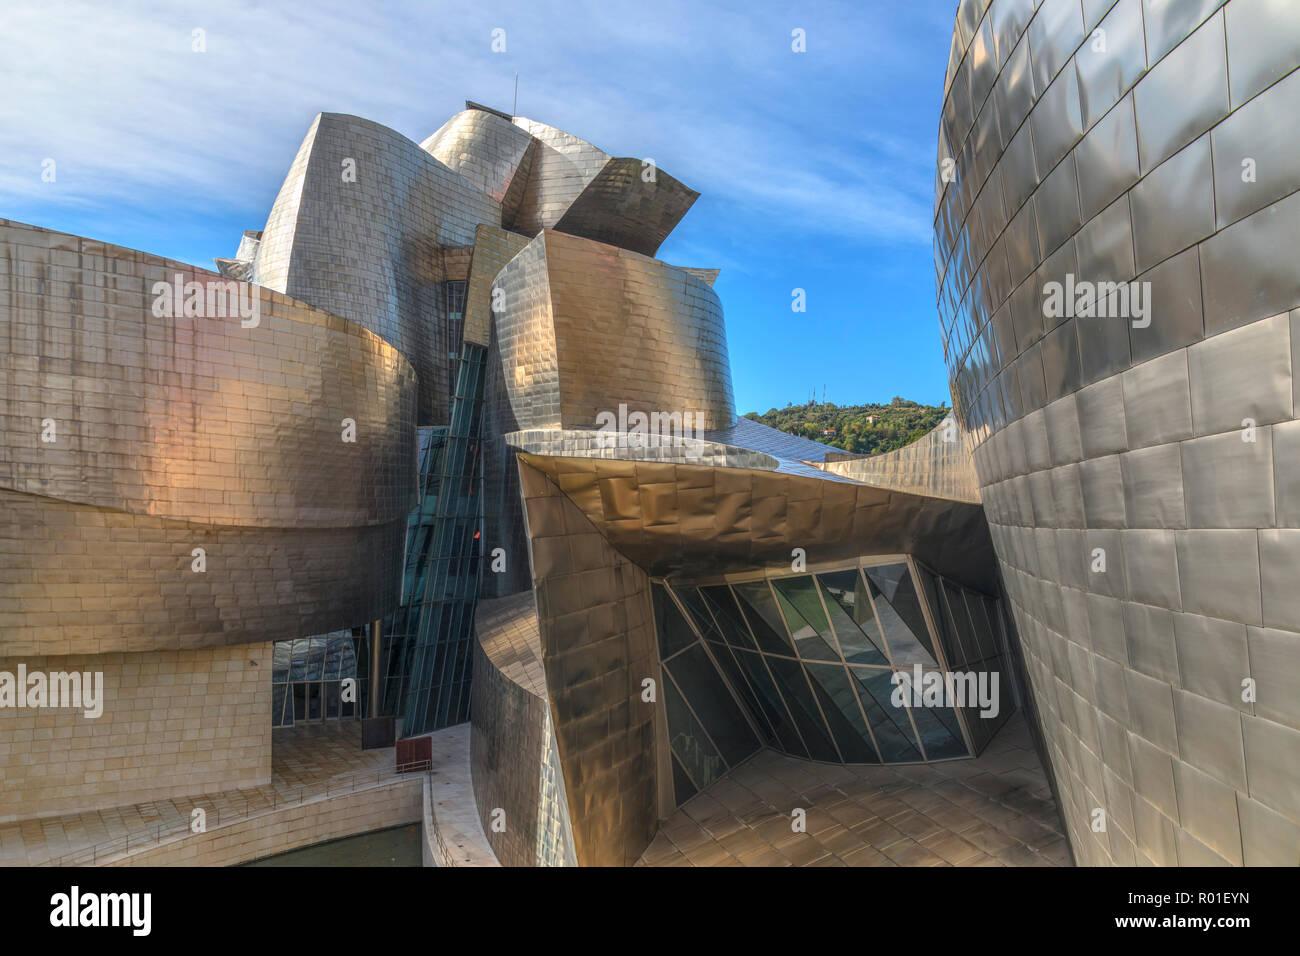 Guggenheim Museum, Bilbao, Basque Country, Spain, Europe Stock Photo